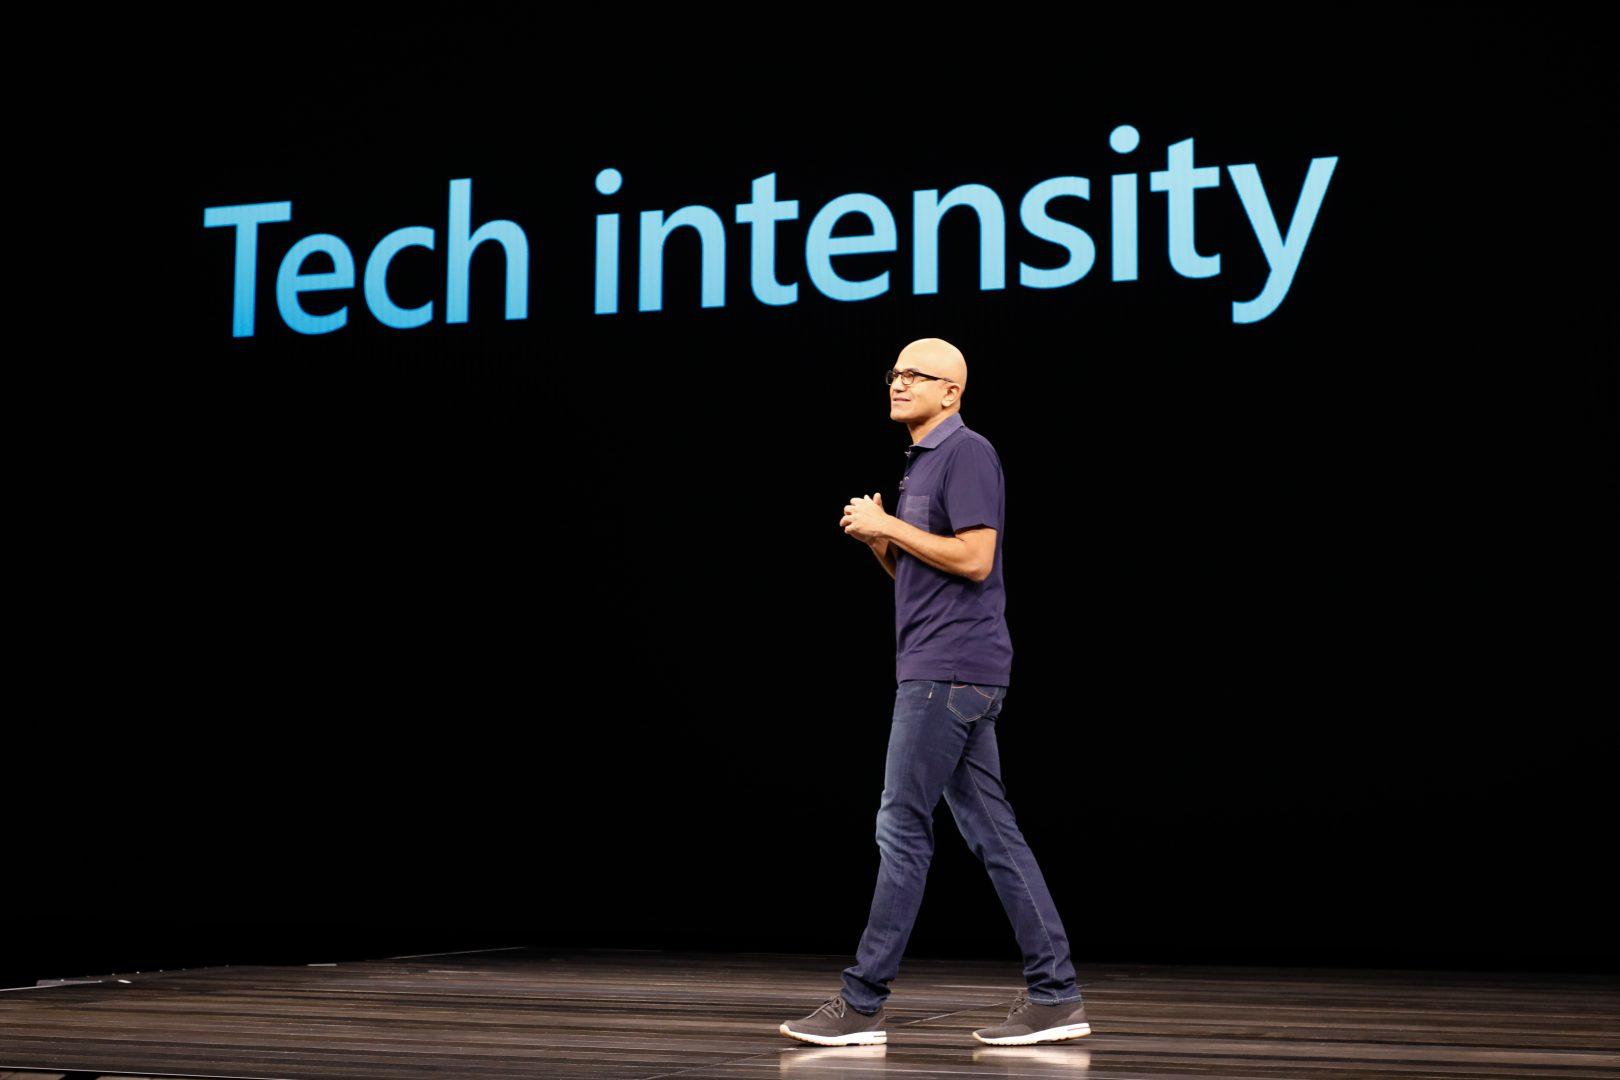 От повече от година Microsoft работи по изцяло нова версия на Edge, която вече е почти готова и беше представена по време на конференцията Ignite на софтуерния гигант. Редом с нея компанията обяви и други промени и новости, които ще оформят новата посока на Microsoft още по-ясно.